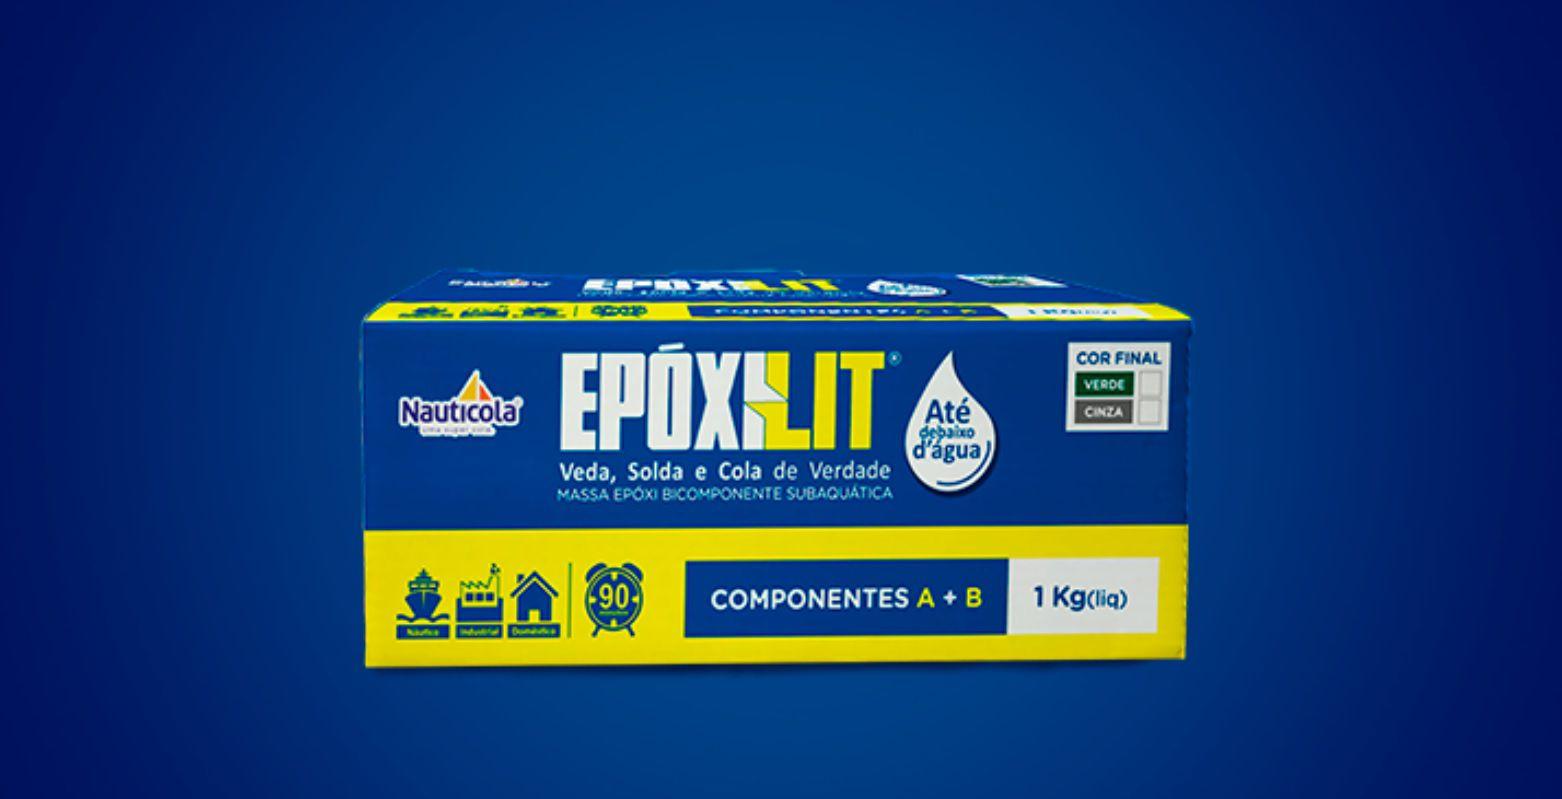 Cola Epoxi Nauticola Epoxilit Massa Subaquática 1,0 kg Componente A + B Impermeabilizante